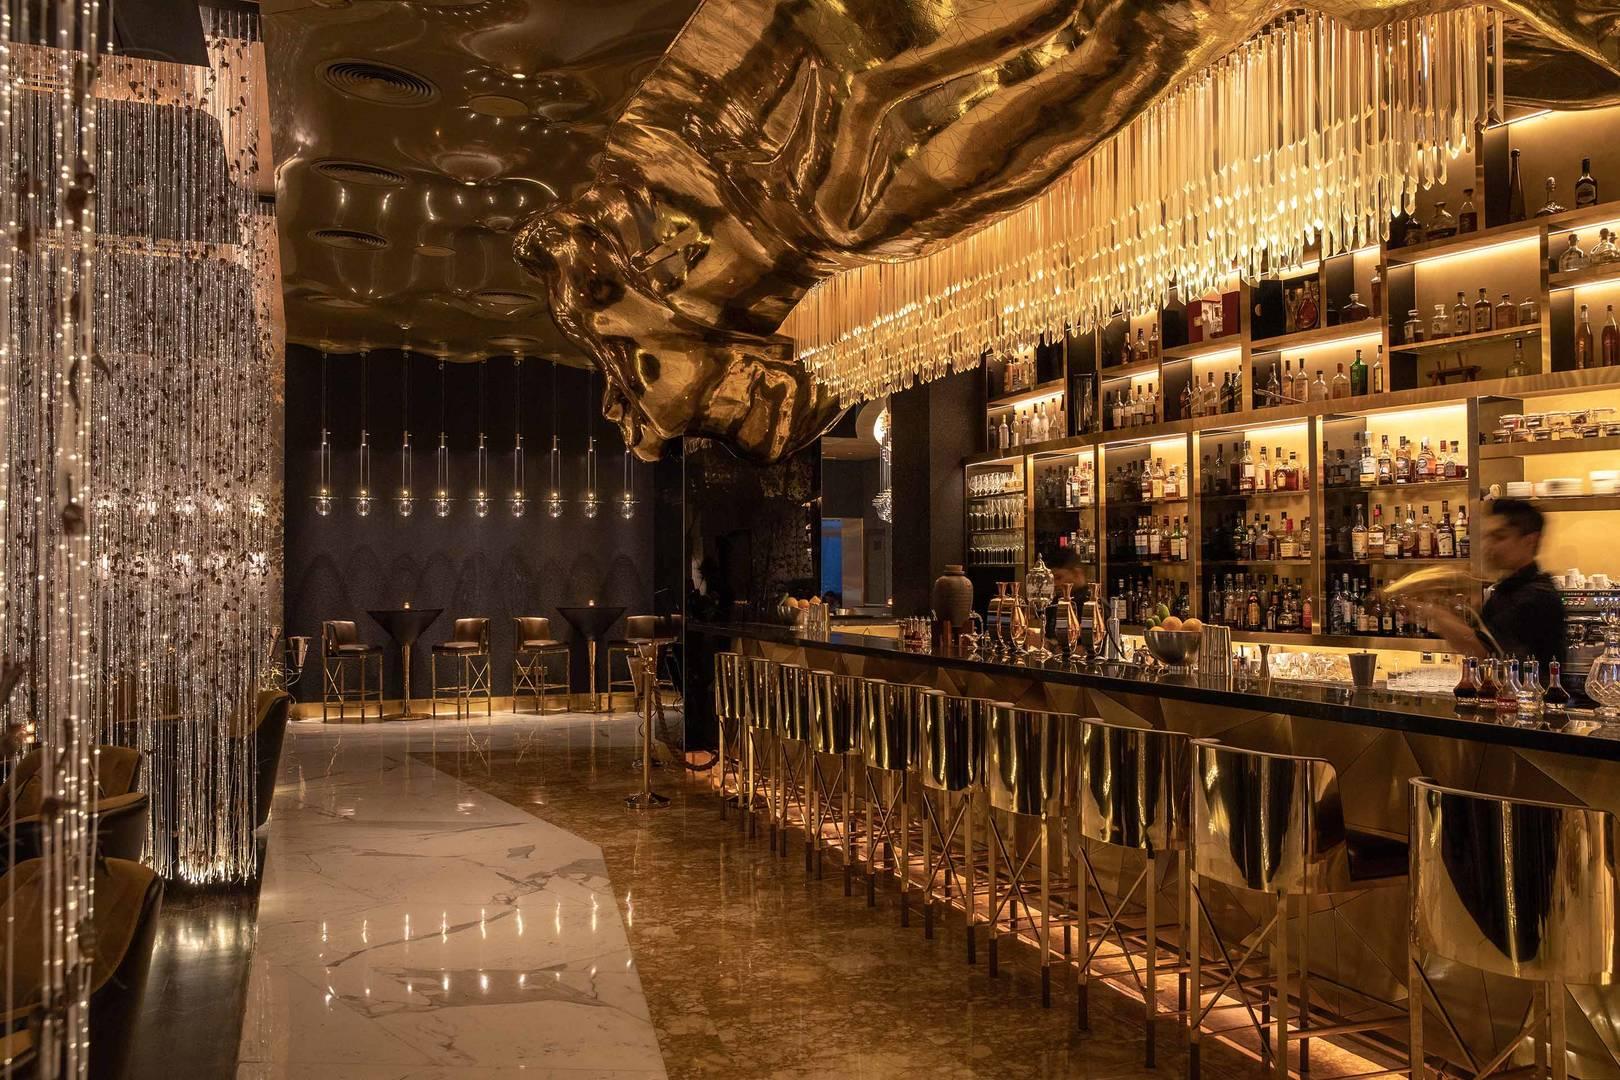 https://cdn.jumeirah.com/-/mediadh/DH/Hospitality/Jumeirah/Restaurants/Dubai/Burj-Al-Arab-Gold-on-27/Restaurant-Gallery/Burj-Al-Arab-Gold-on-27-3_6-4.jpg?h=1080&w=1620&hash=18E6B9279FC4BED5BE2D59061878A35A